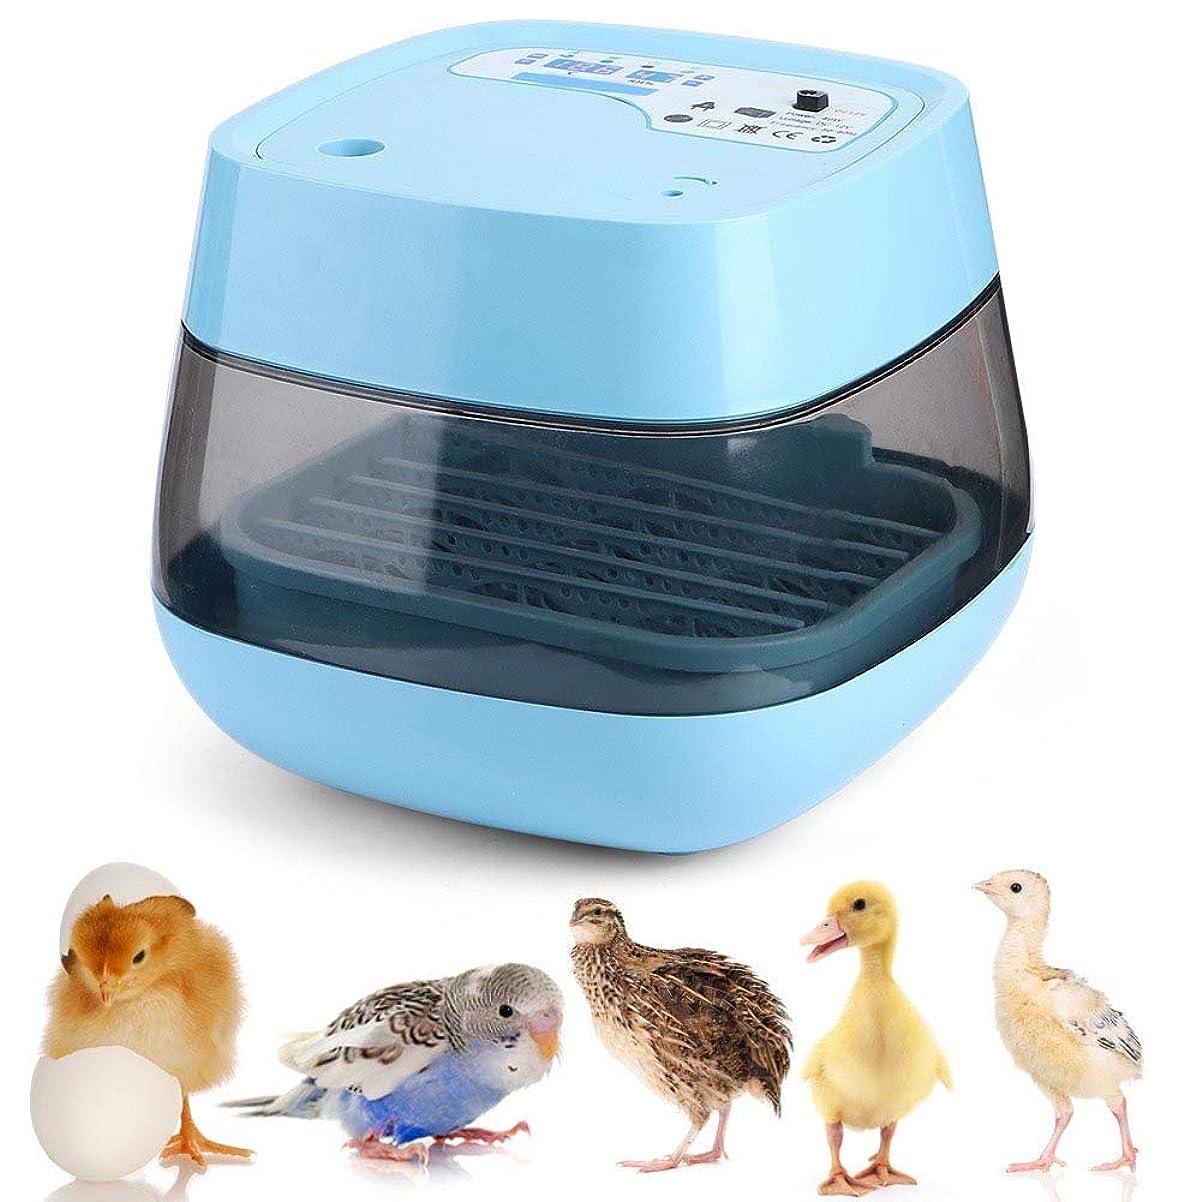 嫌がる母音満員卵インキュベーター、家庭用フルプラスチックインテリジェントスマート卵インキュベーター、卵孵化場用インキュベーター(blue)